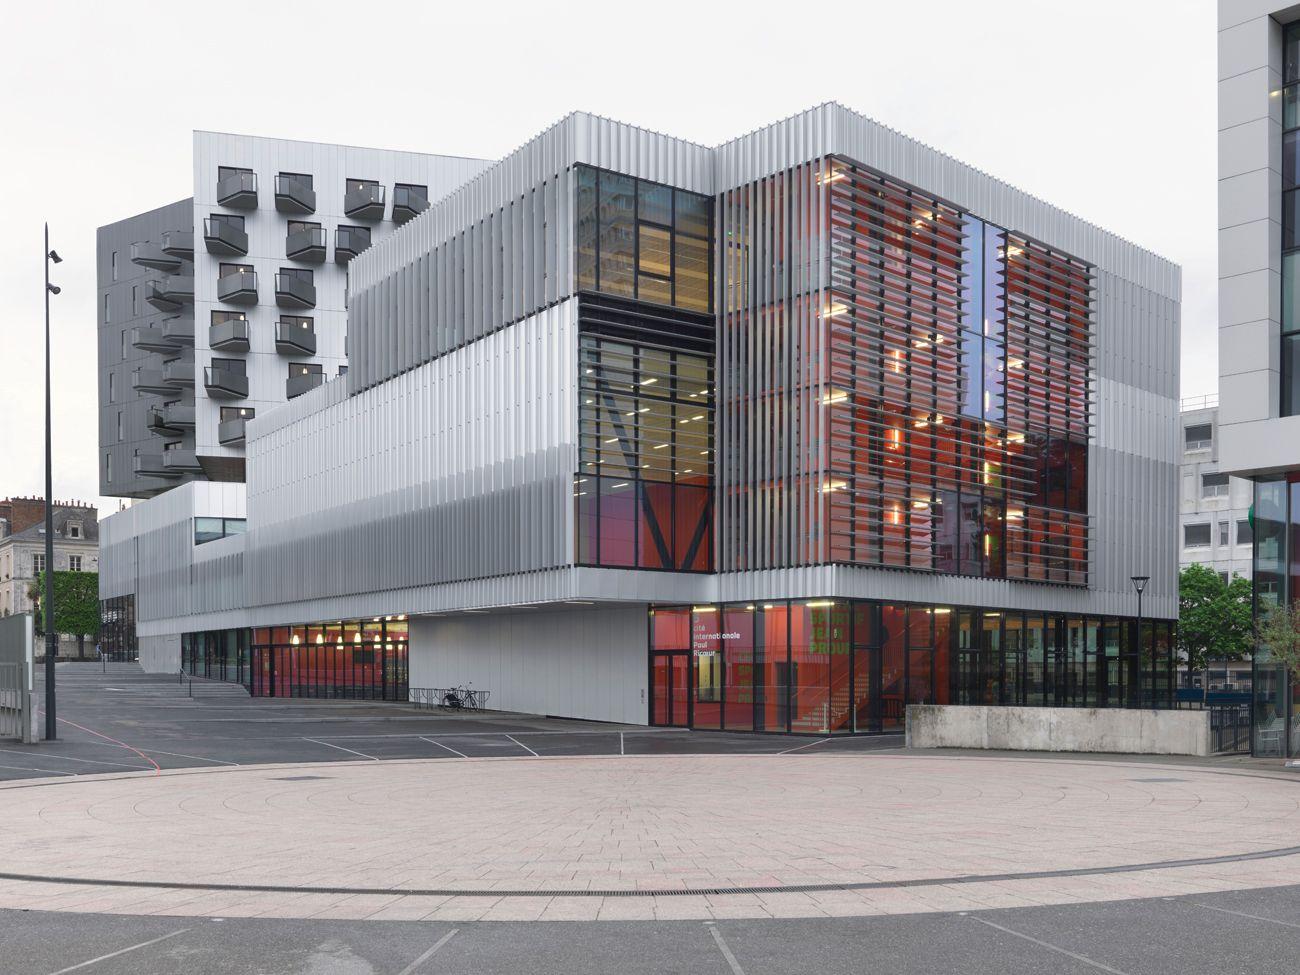 Archicree cr ation et recherches esth tiques europ ennes for Architecte interieur herault